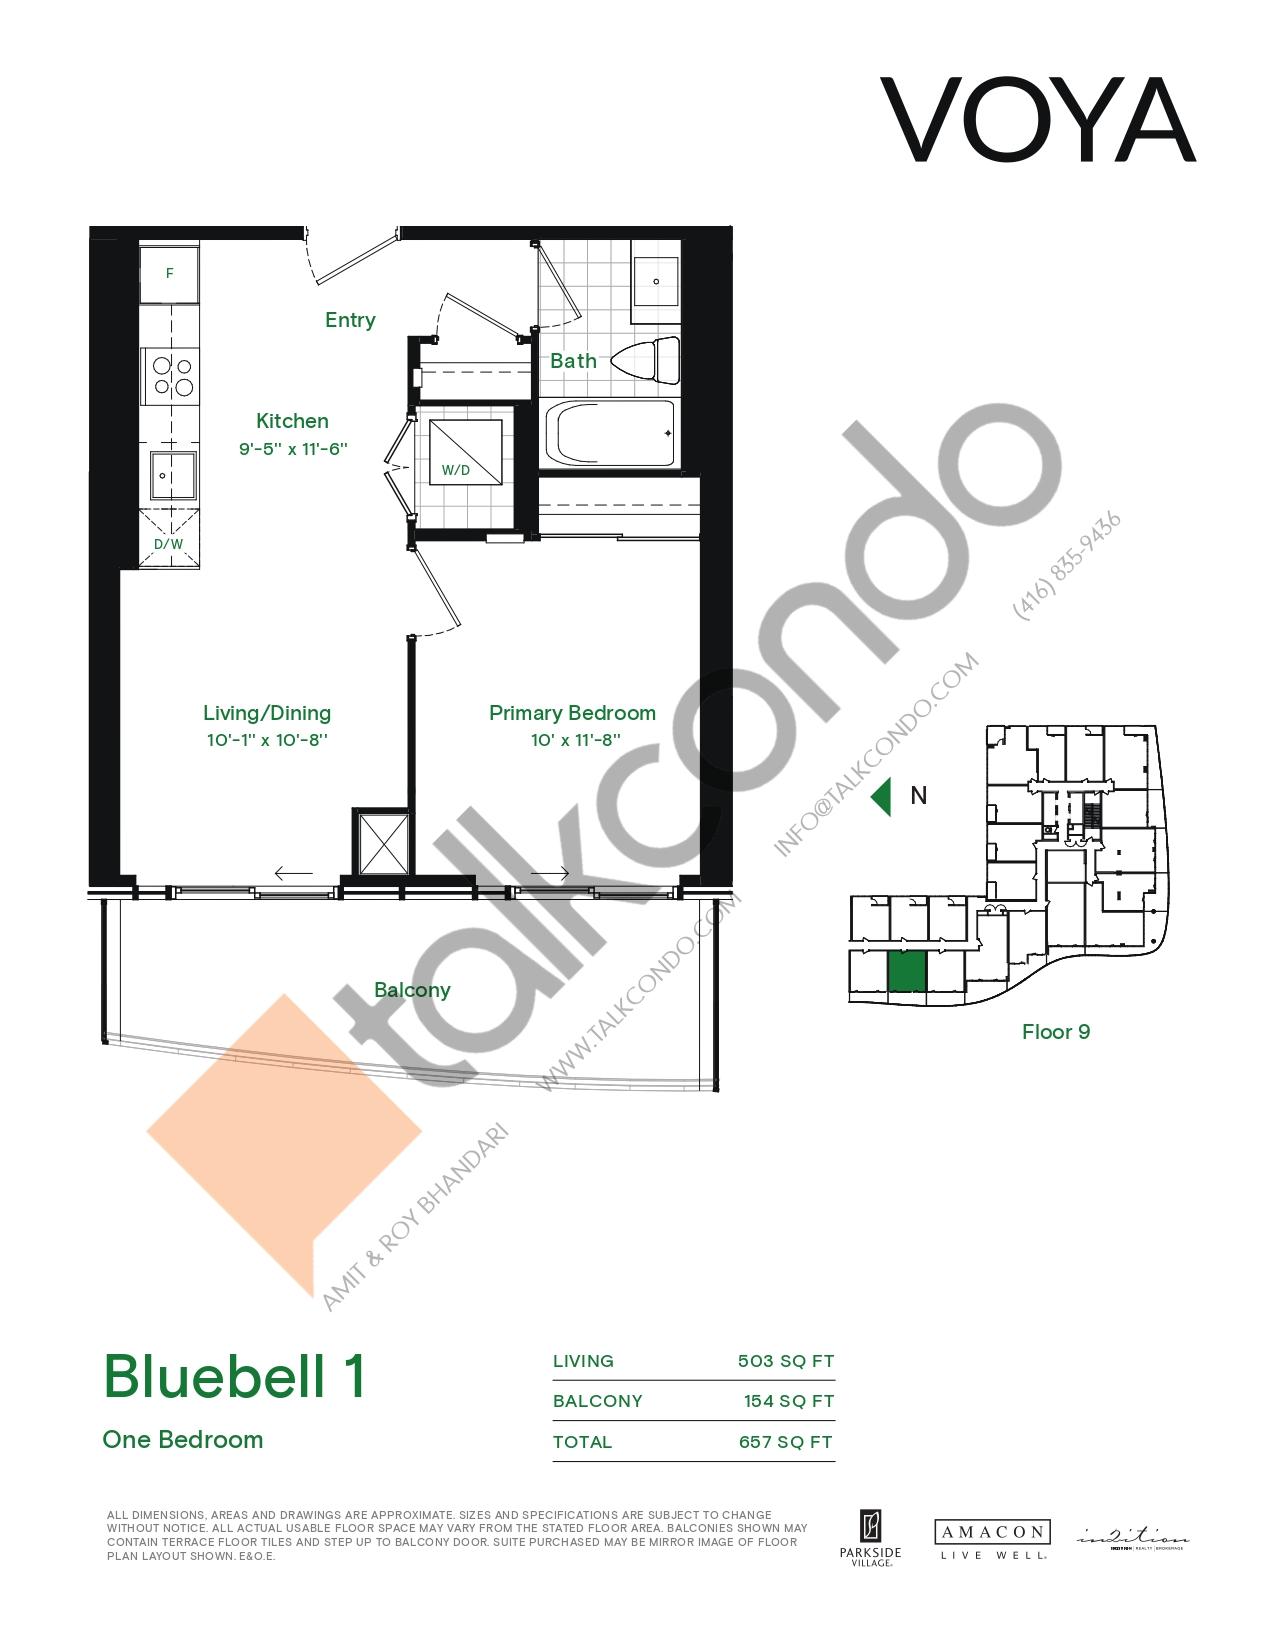 Bluebell 1 (Podium) Floor Plan at Voya at Parkside Village Condos - 503 sq.ft